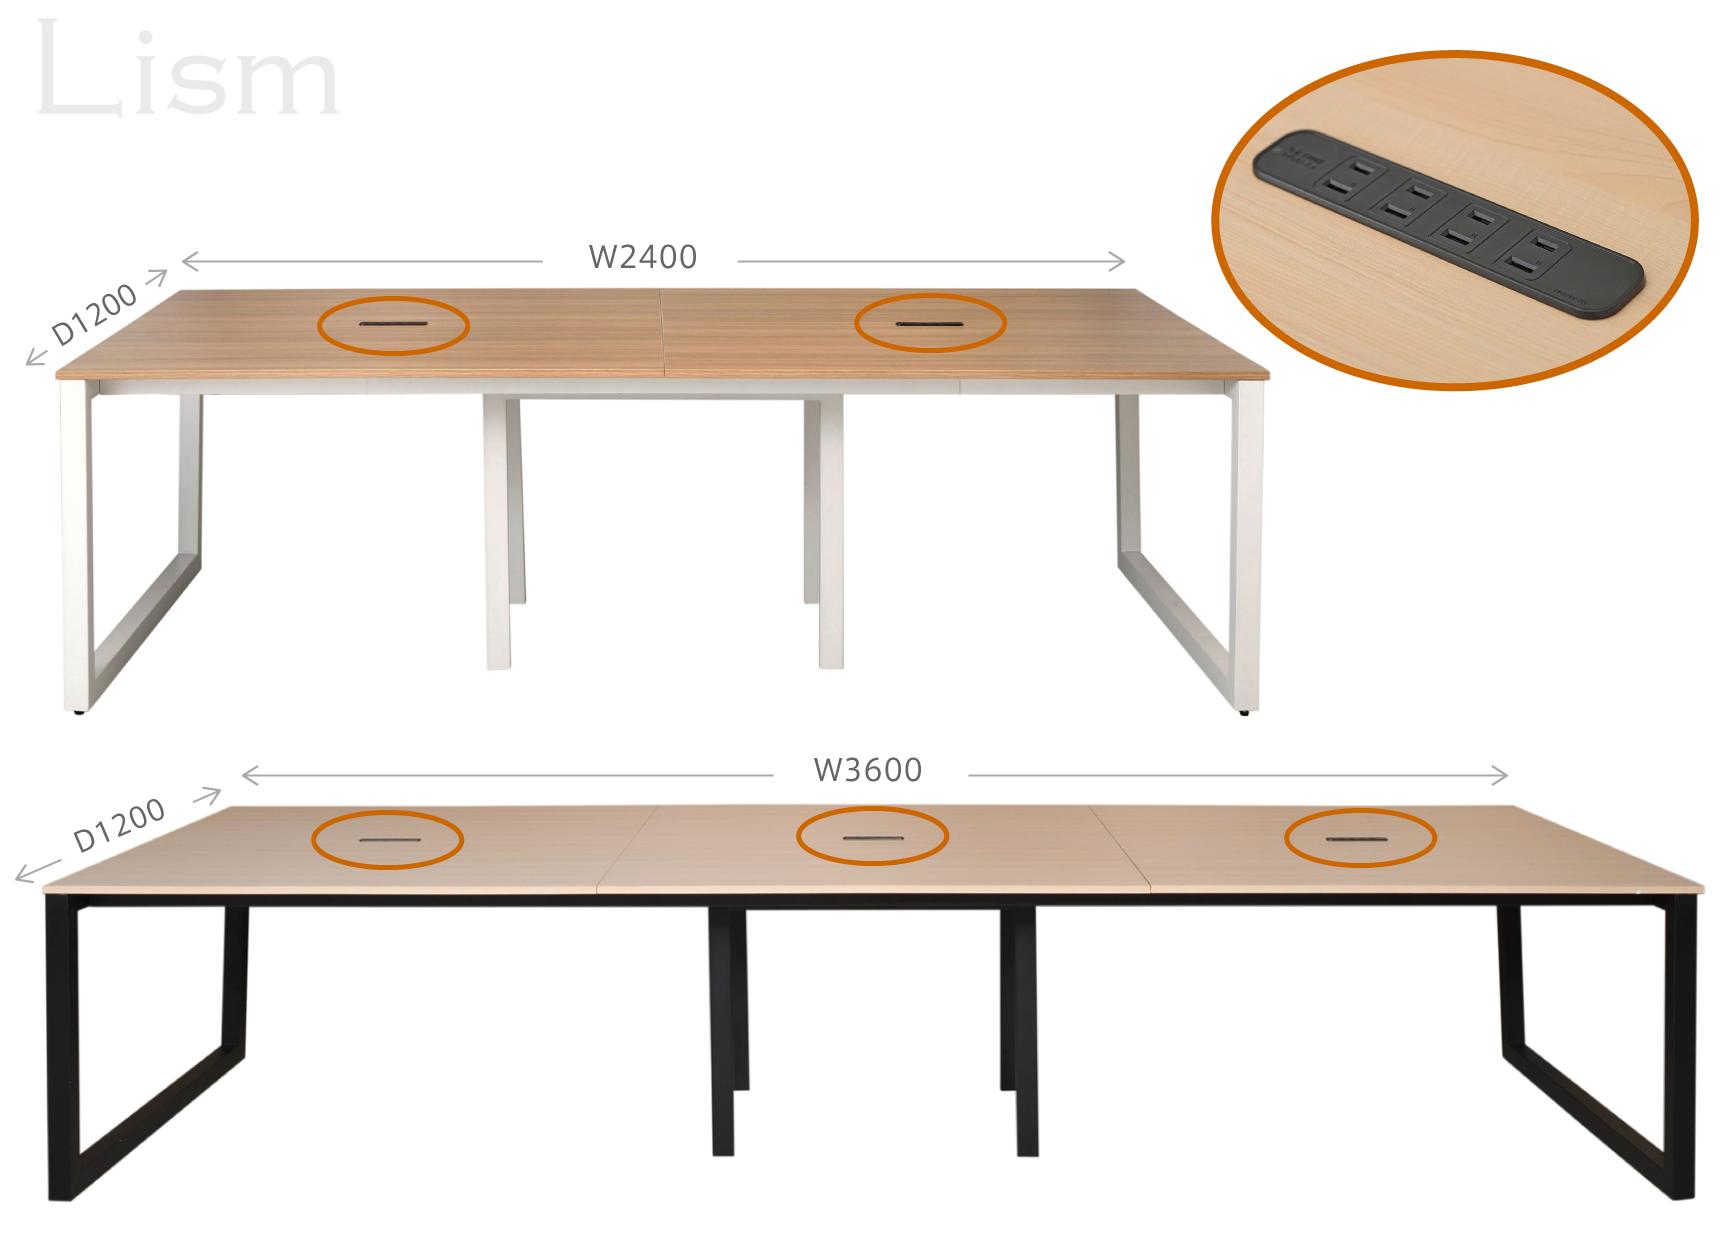 リスムテーブルサイズ比較